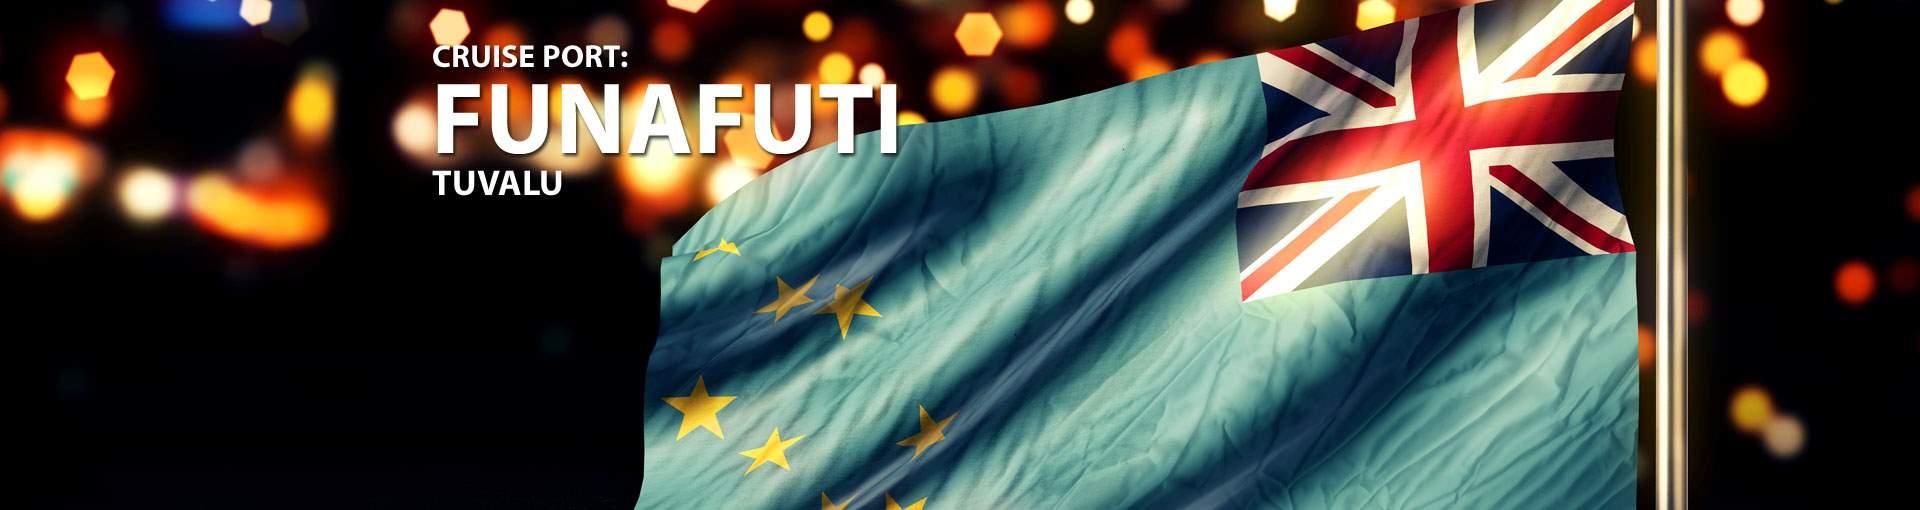 Cruises to Funafuti, Tuvalu